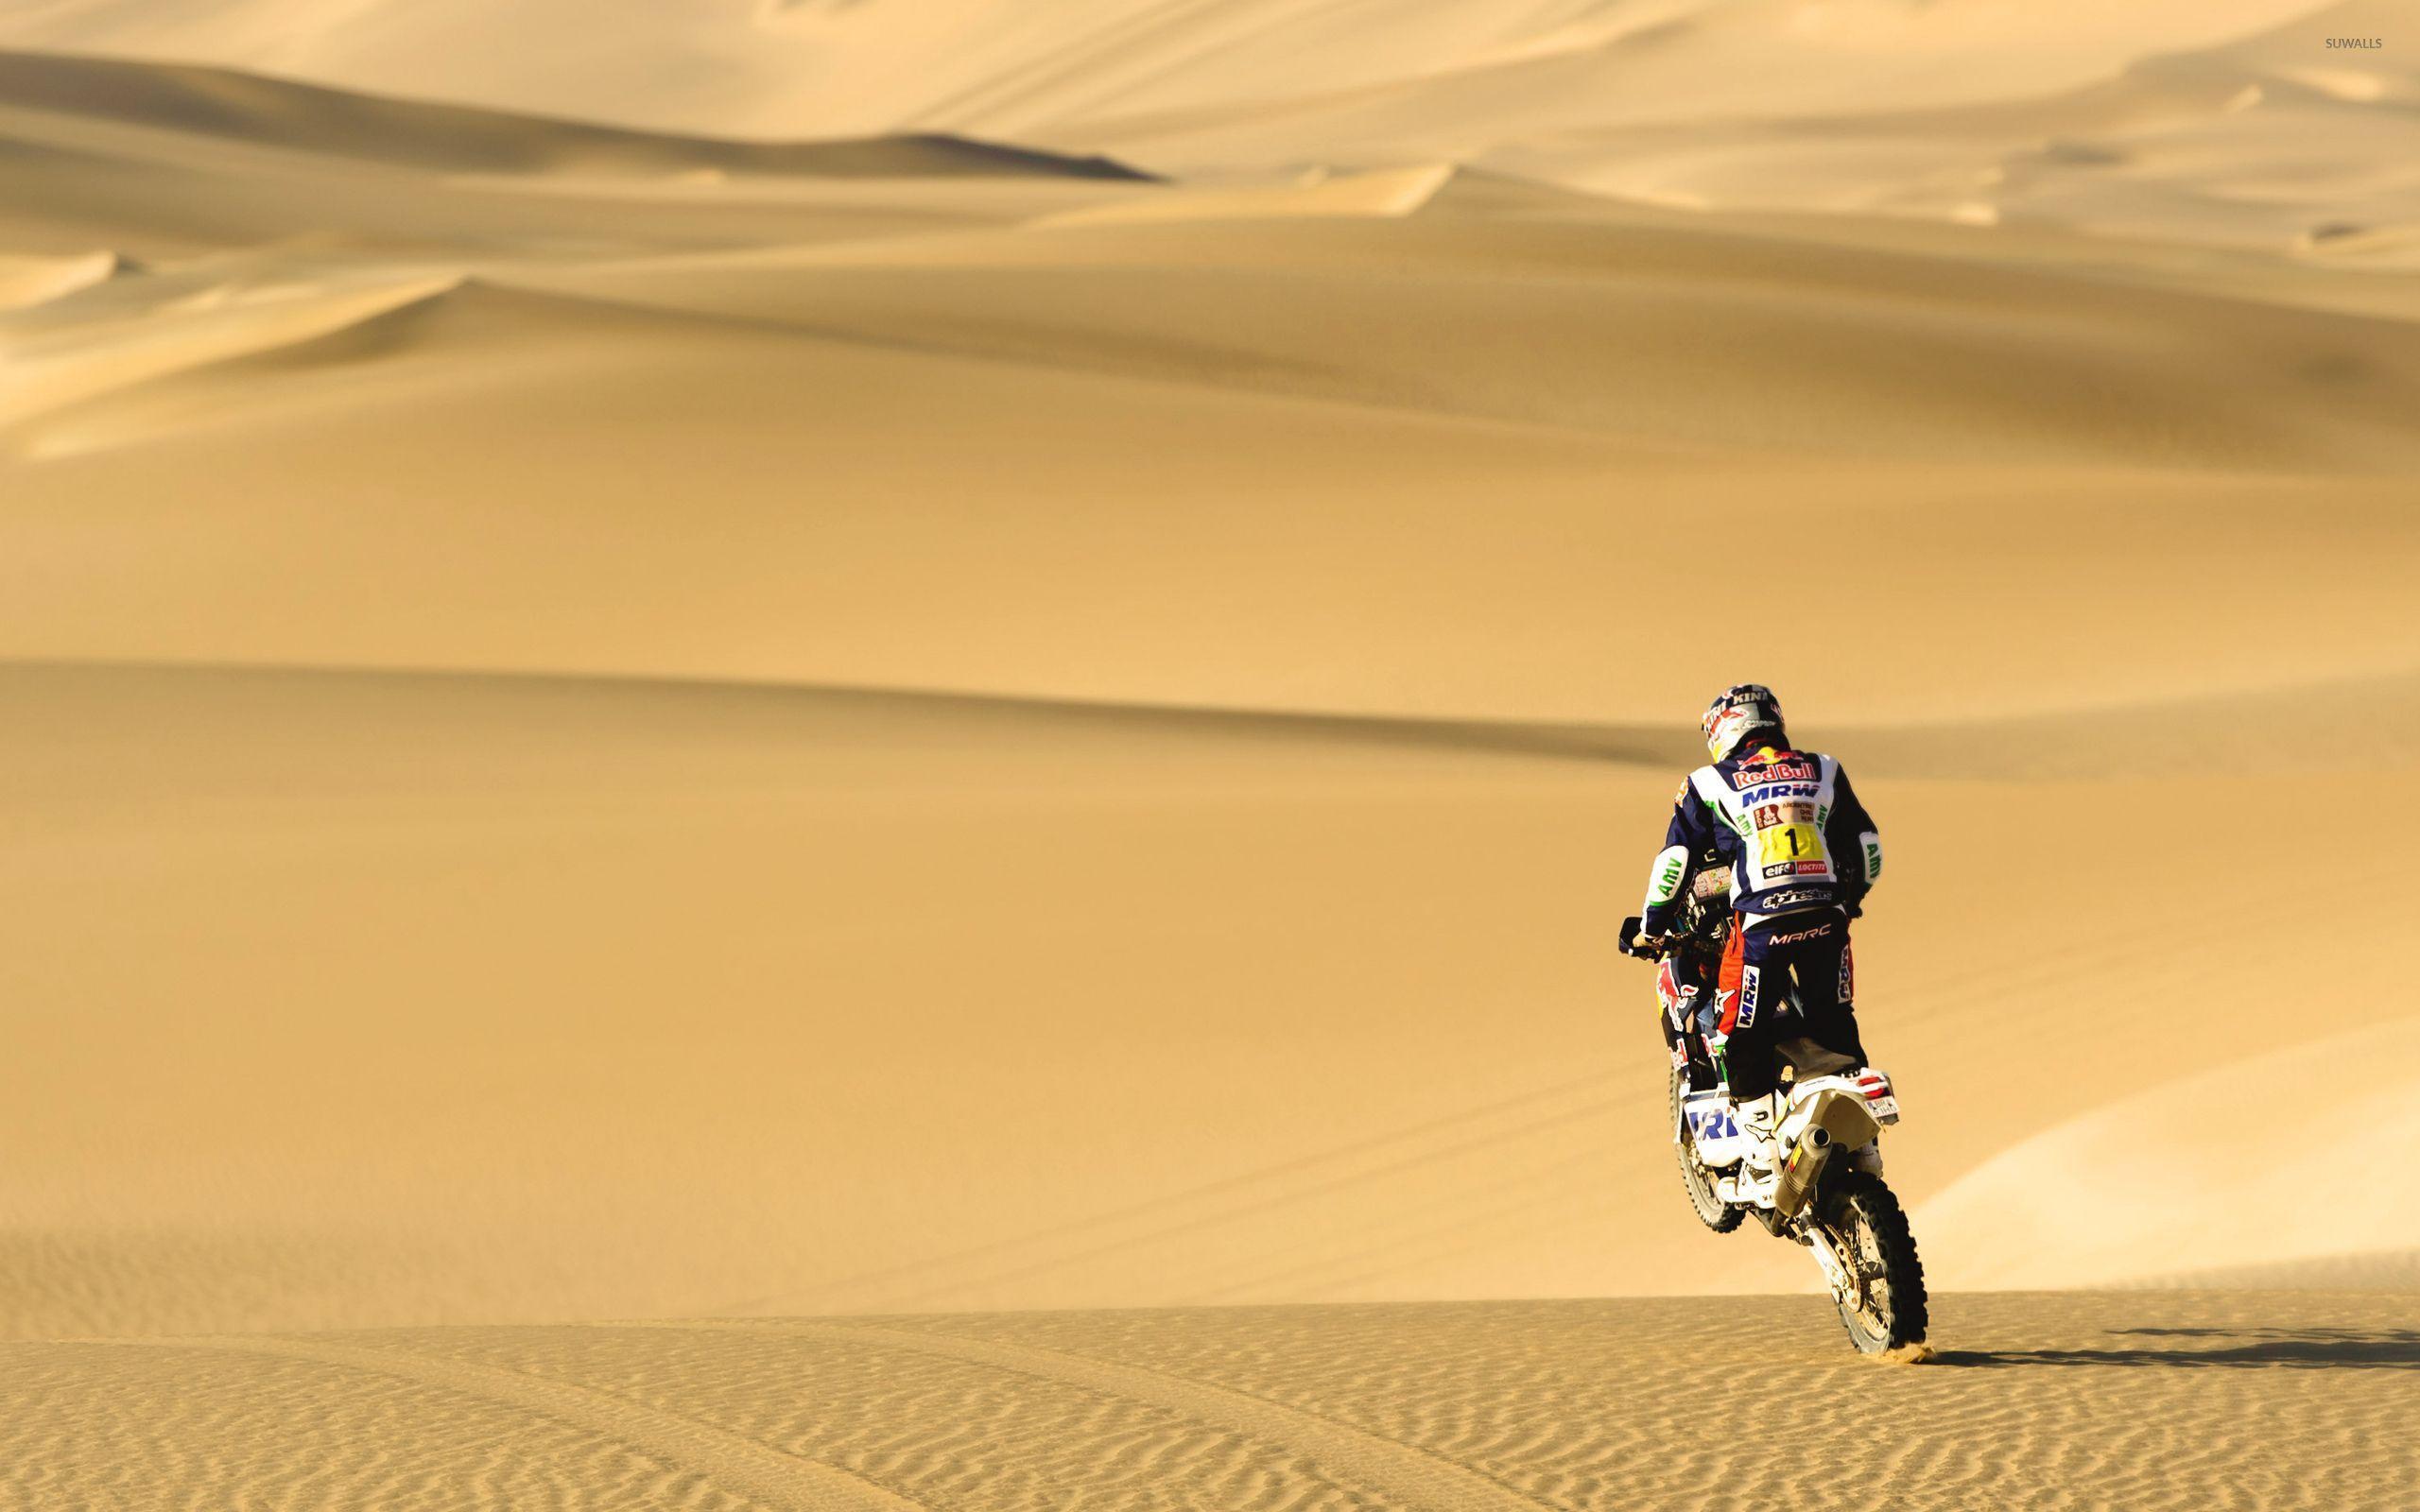 Dakar Rally wallpaper - Sport wallpapers - #46439